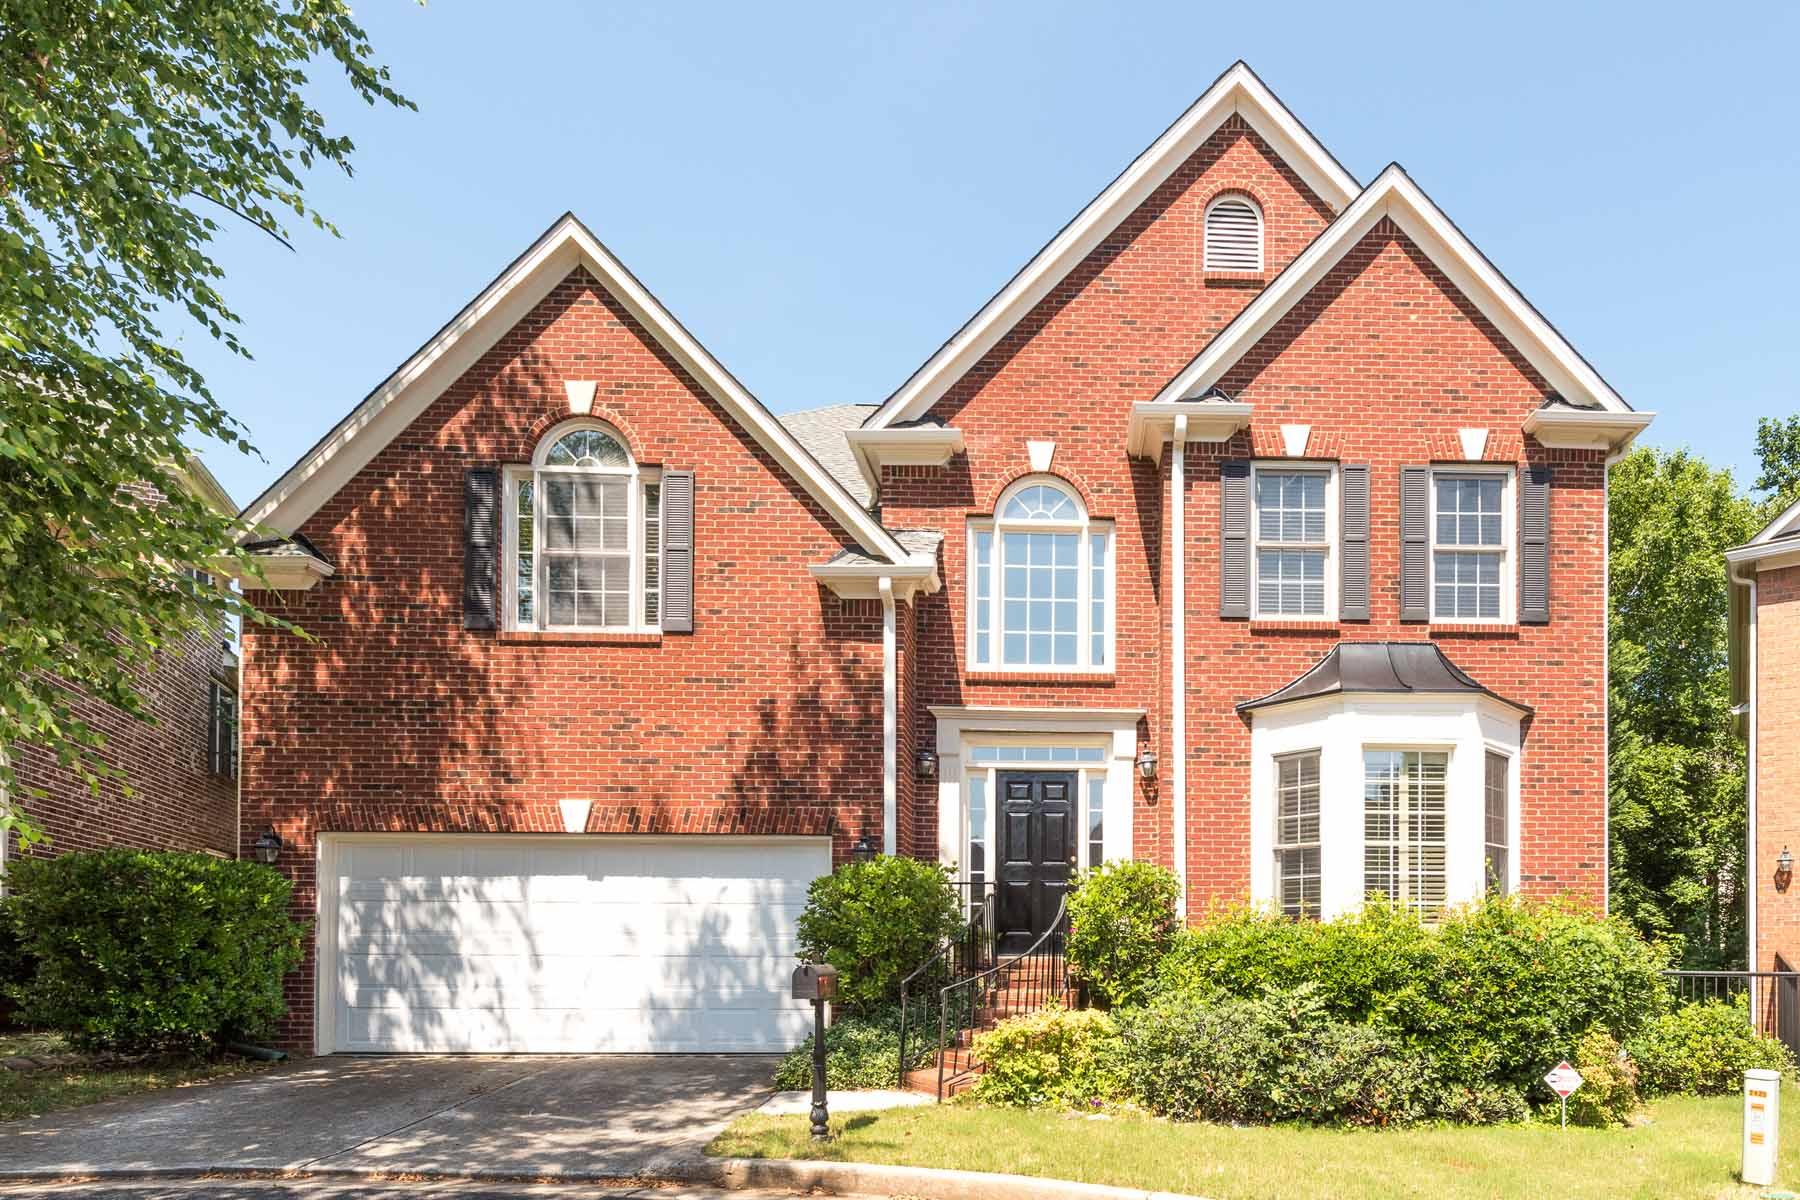 Maison unifamiliale pour l Vente à Best value for Northlake area: cul-de-sac, square footage, convenient to 28585 2429 Mill Ridge Walk Atlanta, Georgia, 30345 États-Unis